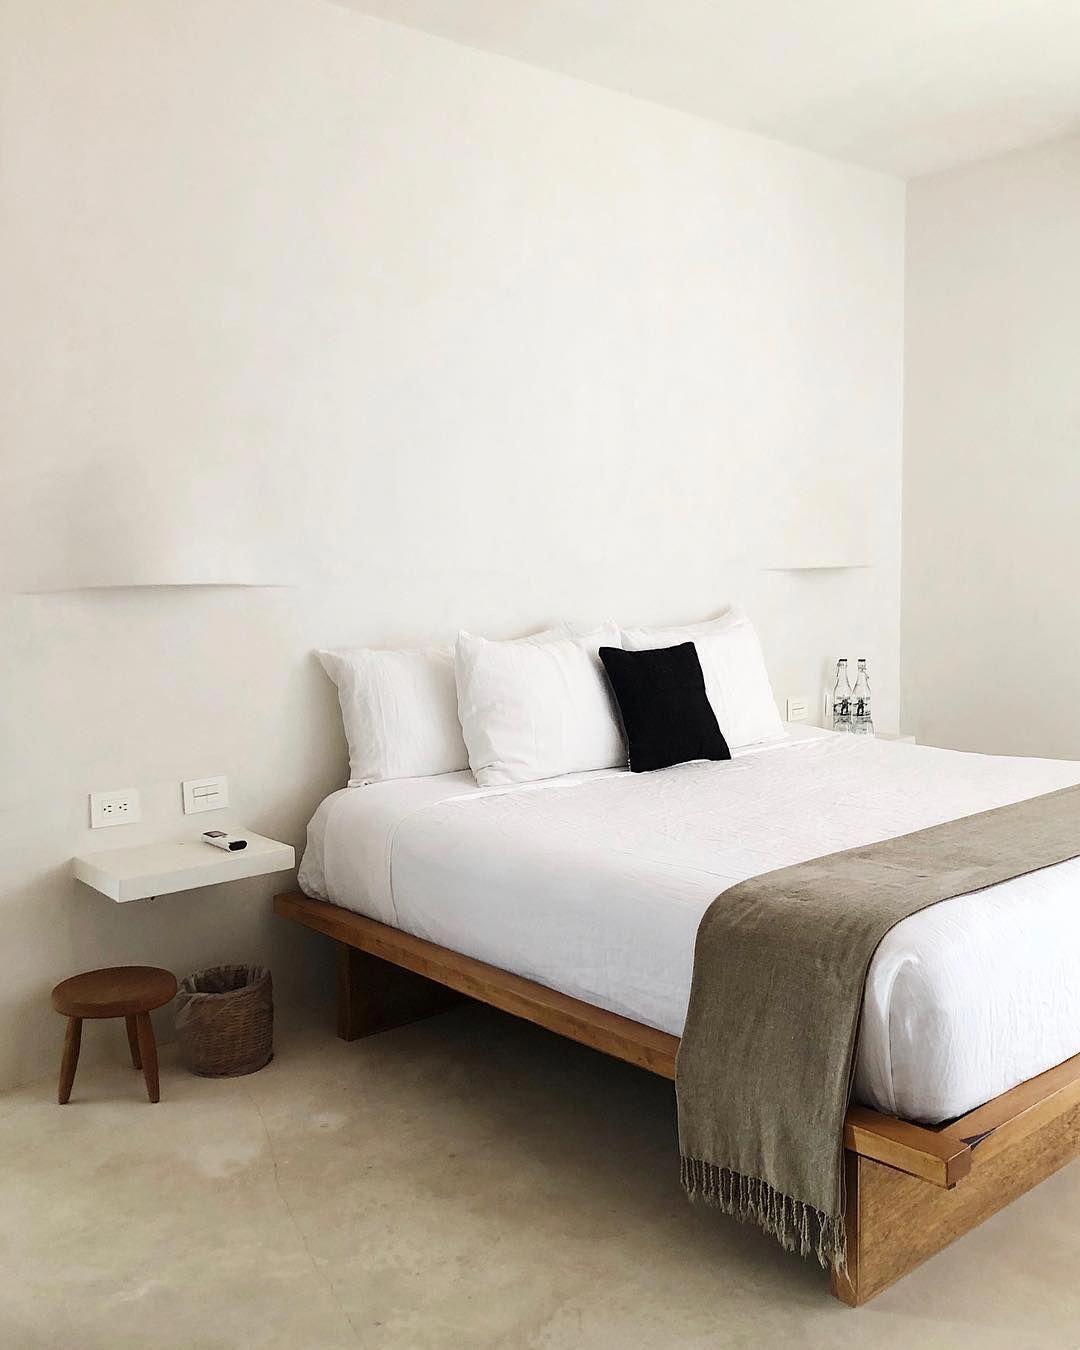 19 mẫu phòng ngủ hài hòa và thư thái theo phong cách Zen - Ảnh 13.